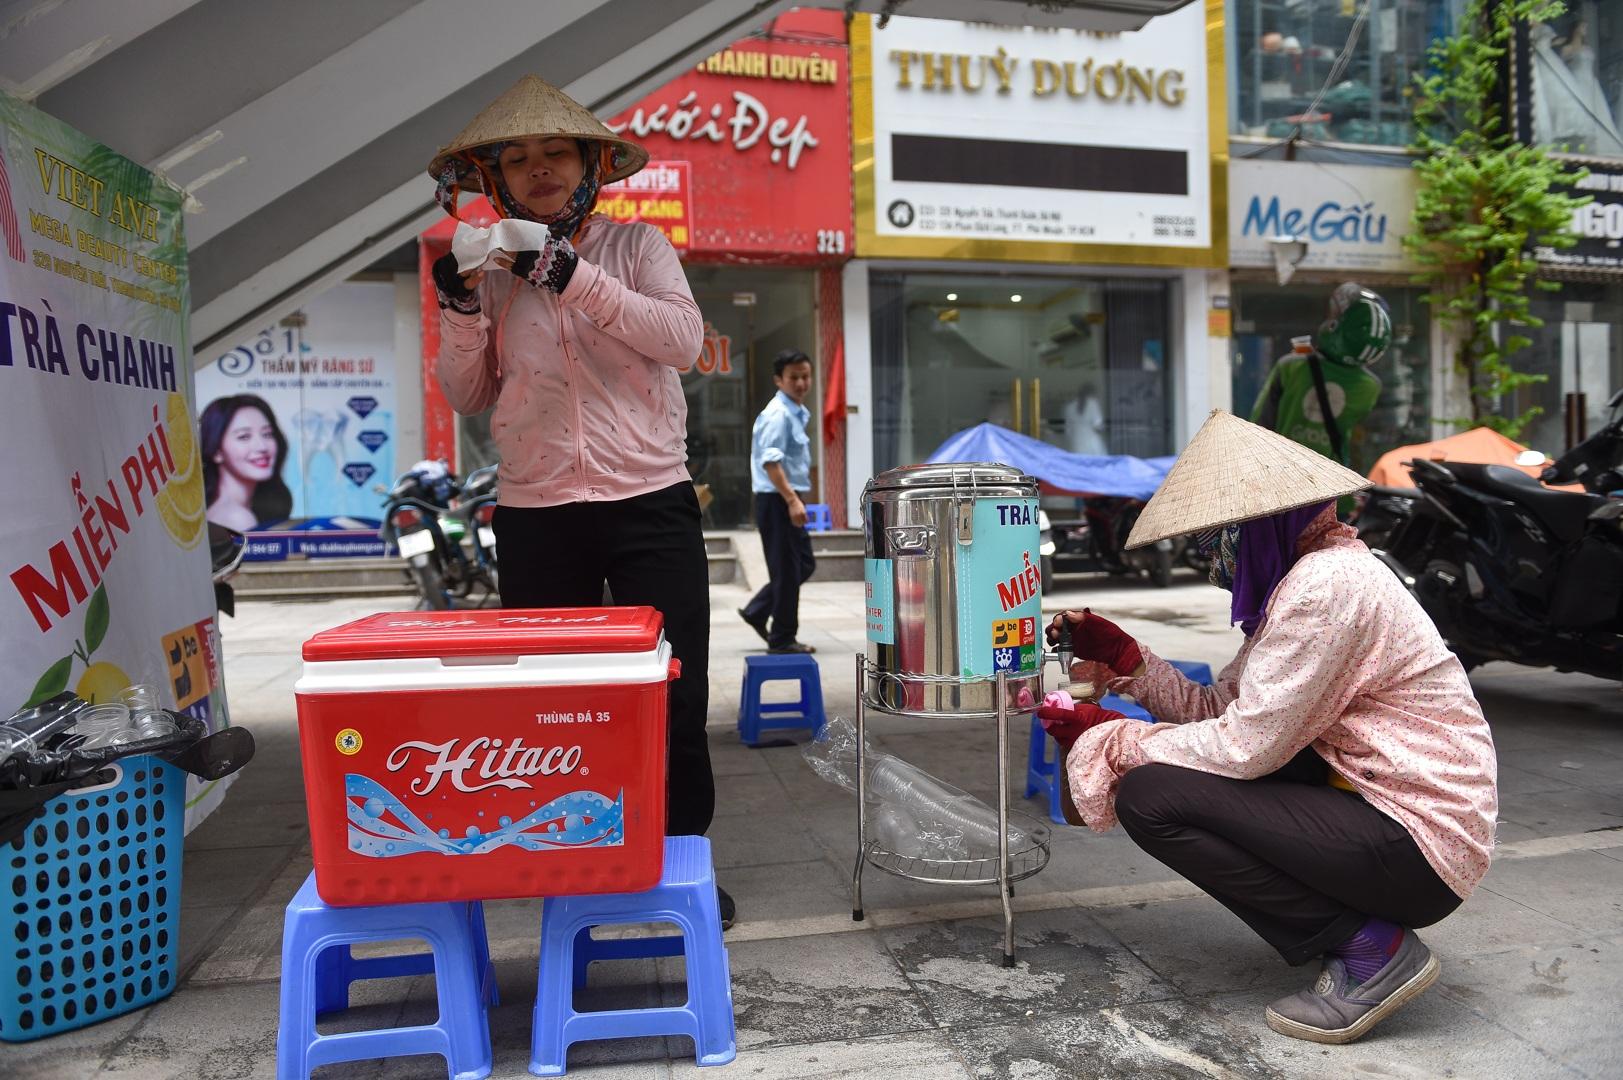 Hà Nội: Mát lòng trà chanh đá miễn phí giữa ngày nắng đỉnh điểm - 2